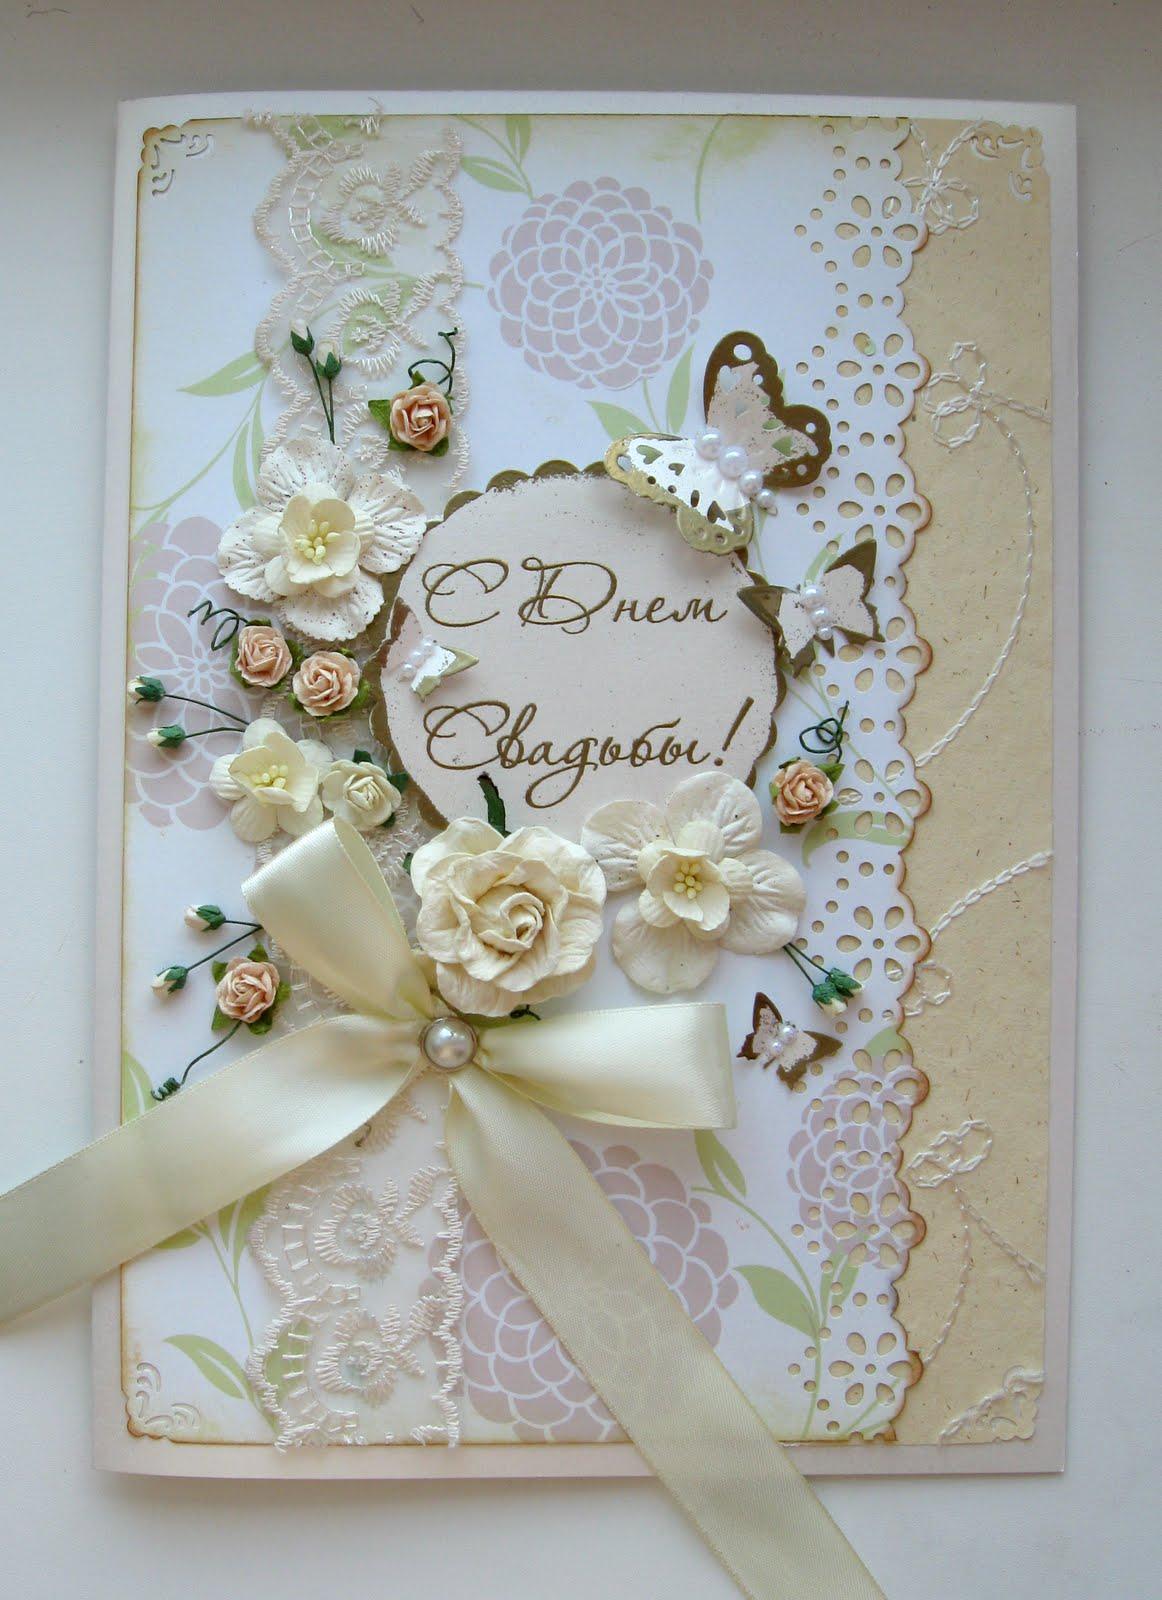 ... вдохновение: Свадебные открытки А4: lukonina.blogspot.com/2010/09/4.html